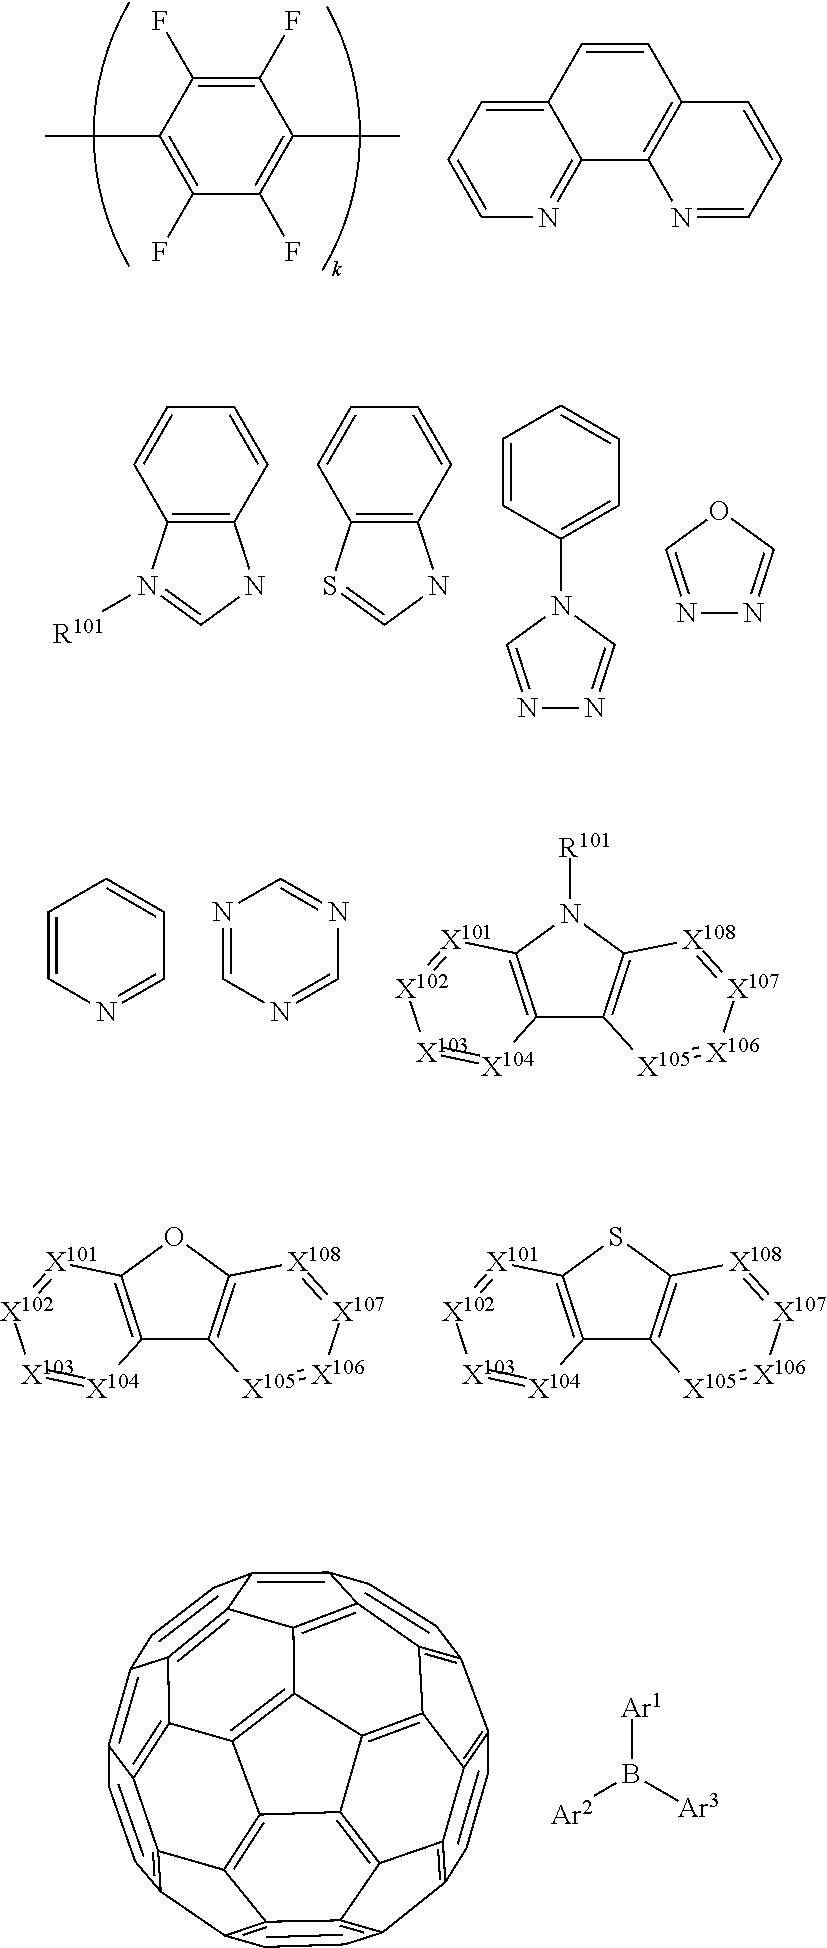 Figure US20160049599A1-20160218-C00212